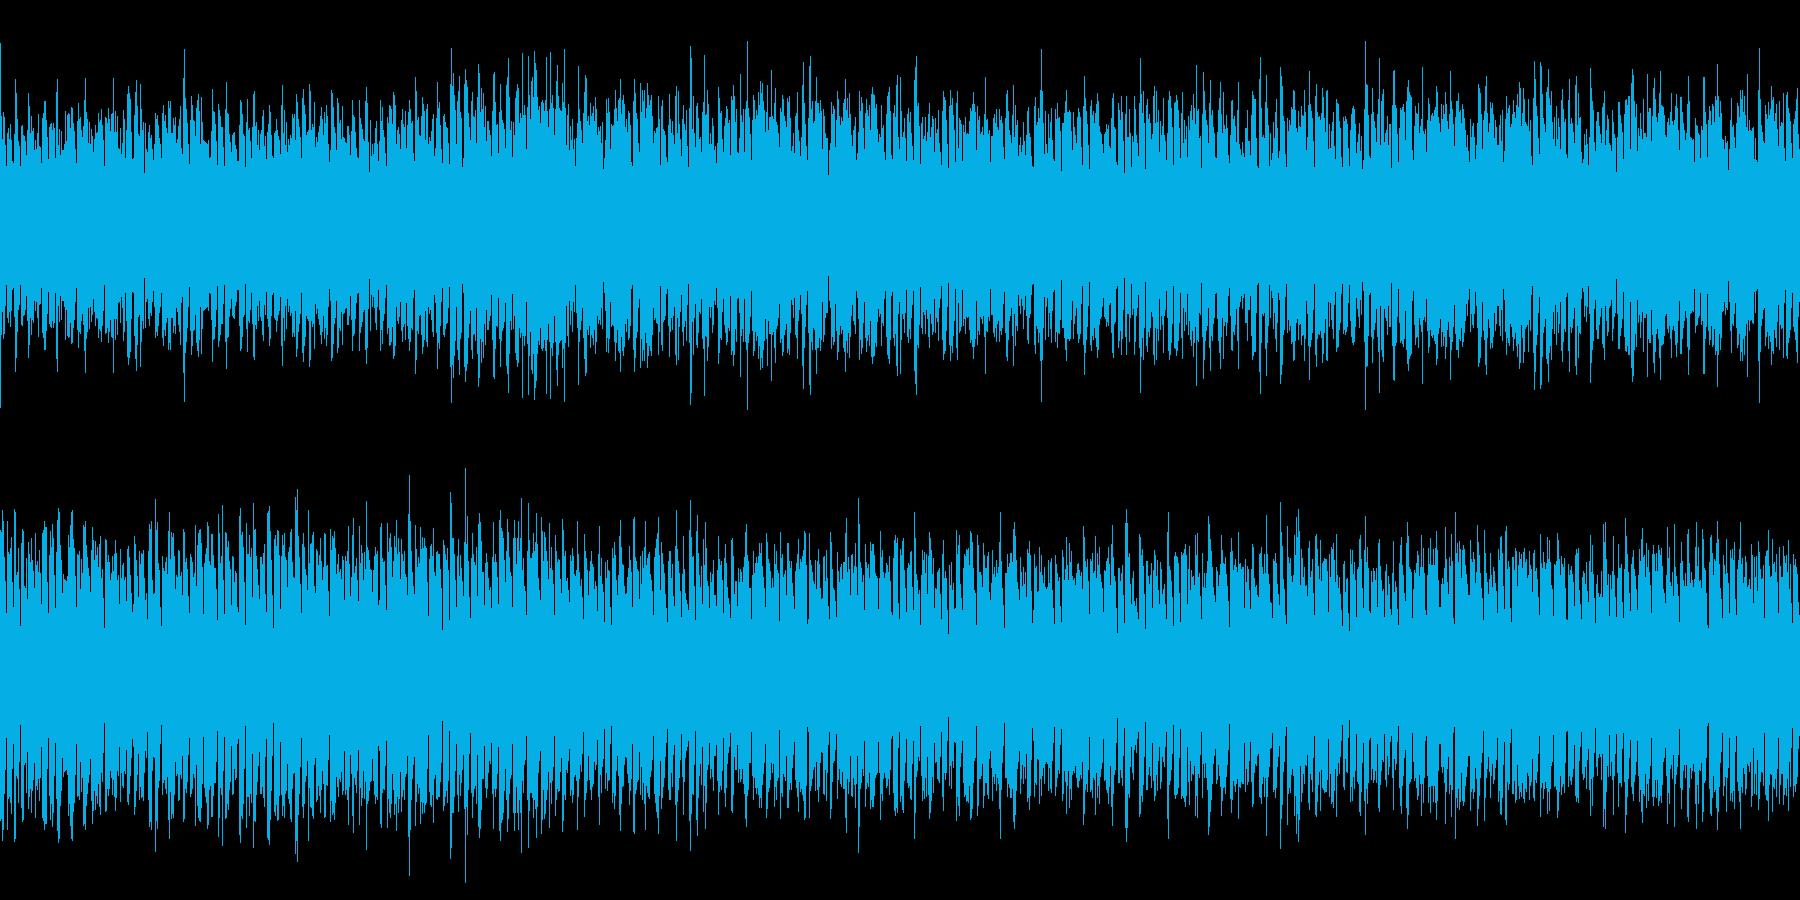 ドキドキする30秒ジャストのEDM宇宙的の再生済みの波形